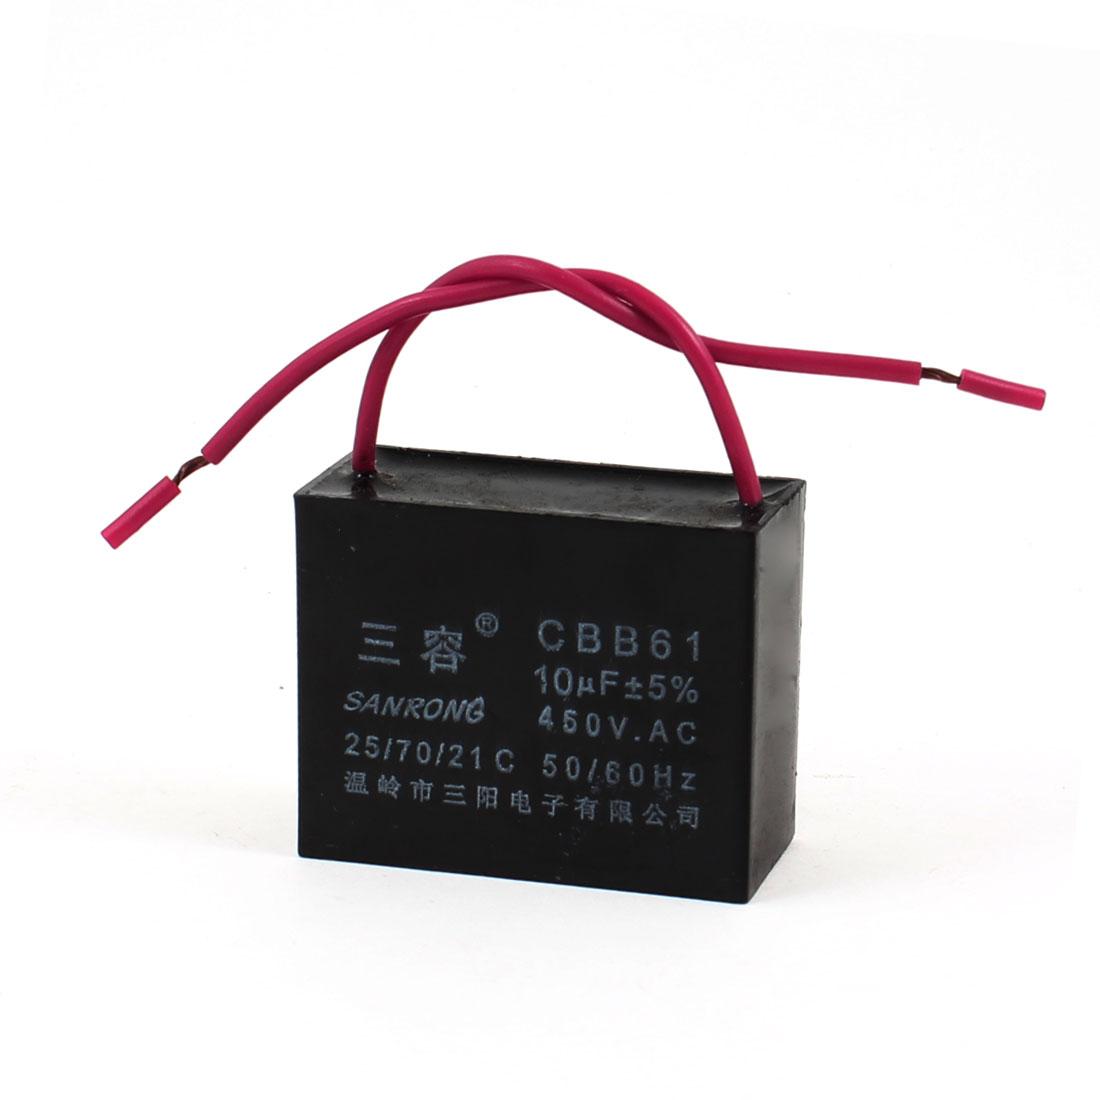 CBB61 10uF AC 450V Rectangle Non Polar Motor Running Capacitor